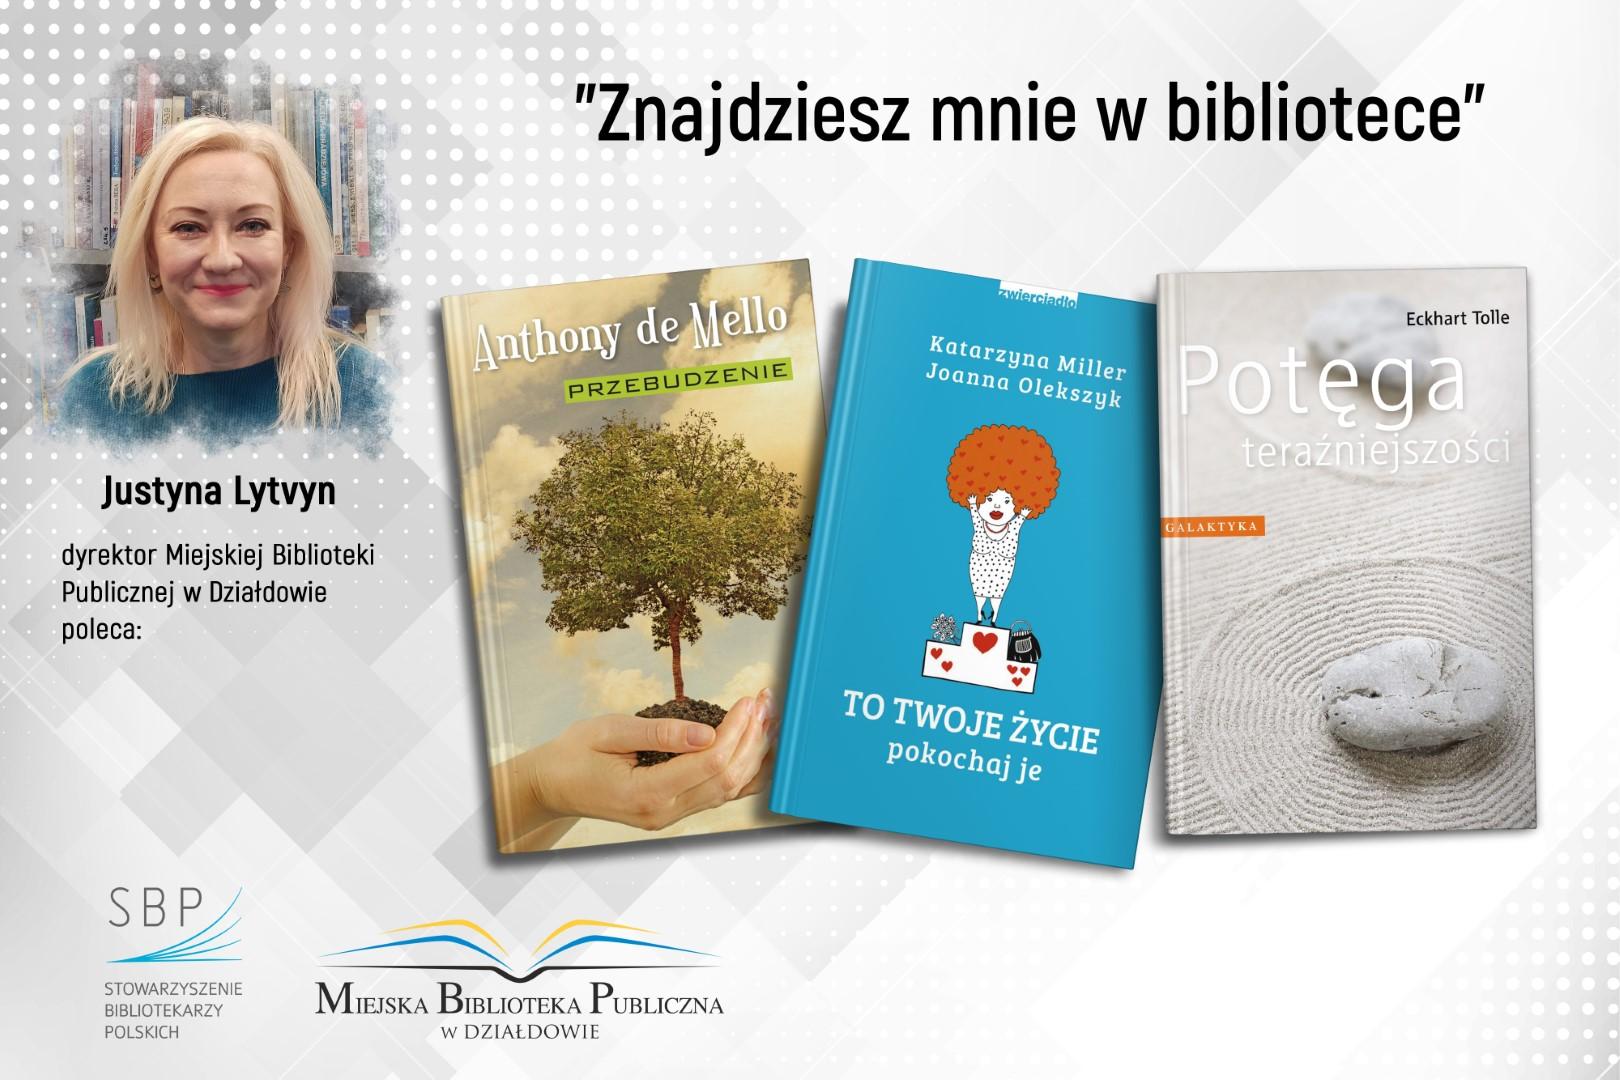 plakat z pracownikiem biblioteki polecającym ulubione książki na styczeń